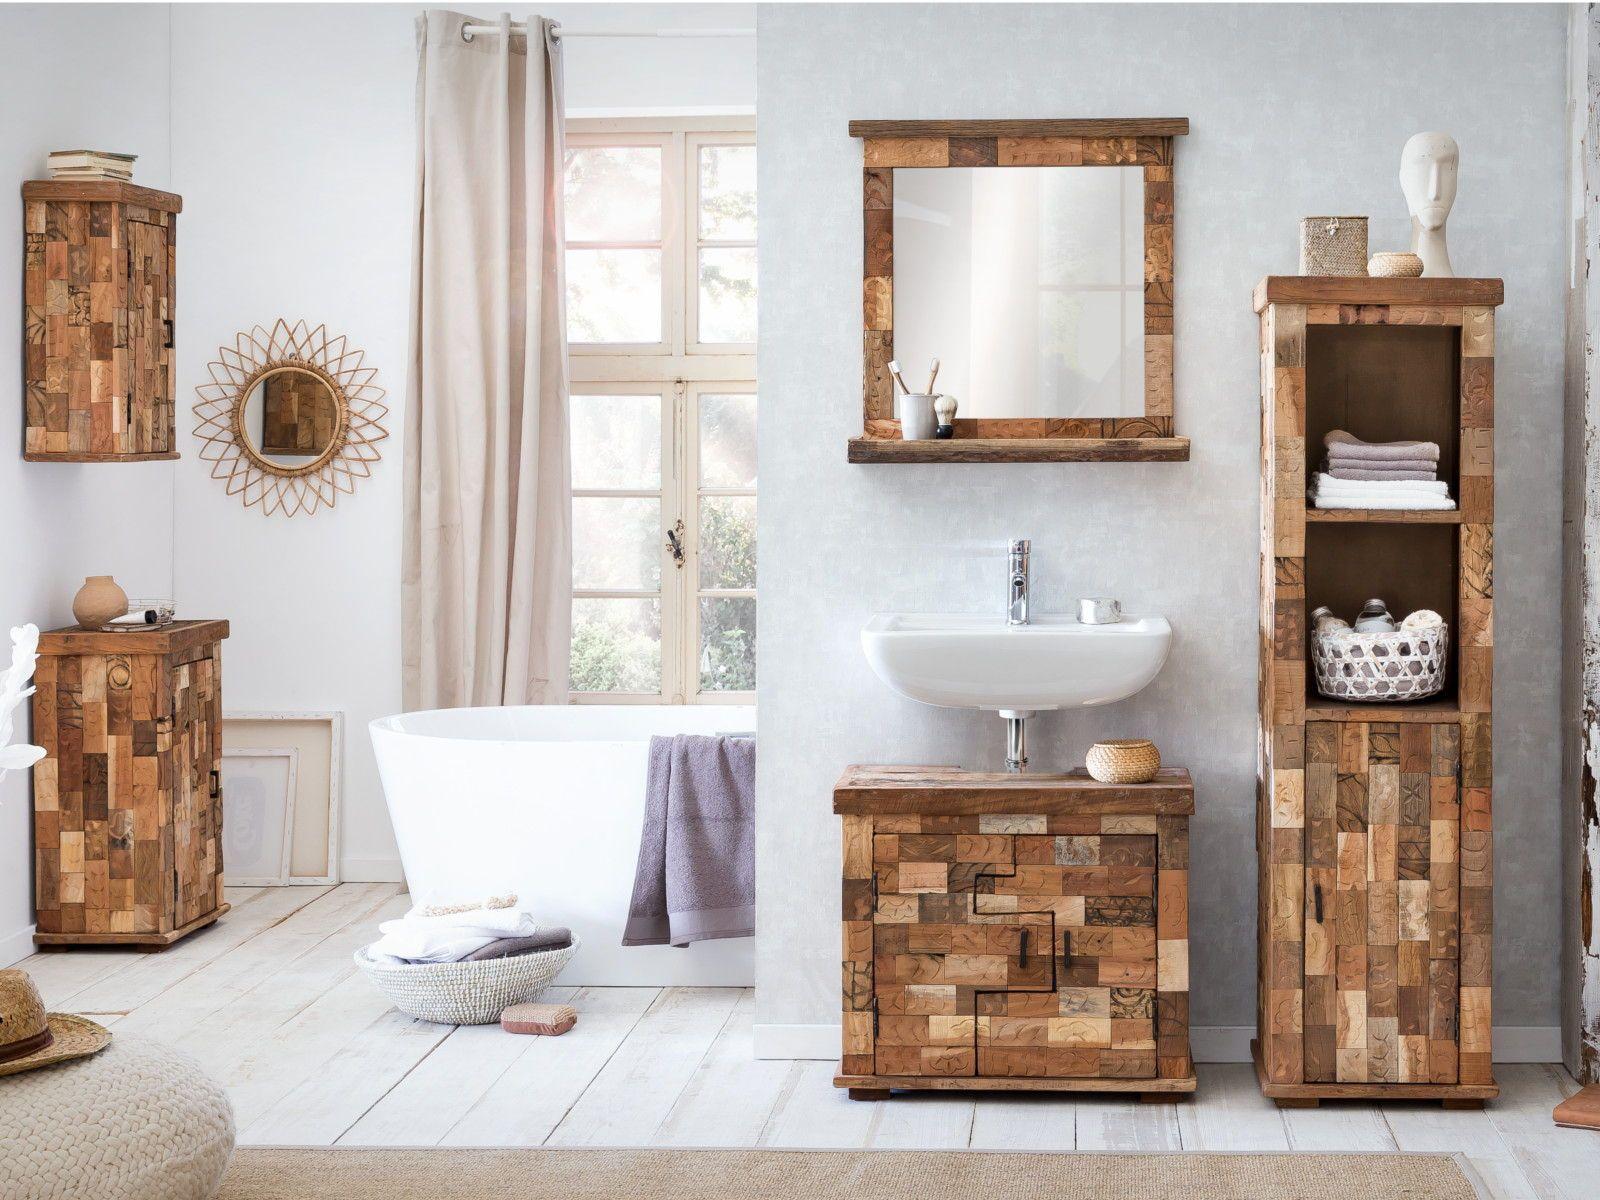 Unikate Von Woodkings Absolute Einzelstucke Aus Recycelten Hozern Und Stempelformen Schrank Altholz Rustikal Badezimmer Idee Inspir Badezimmer Rustikal